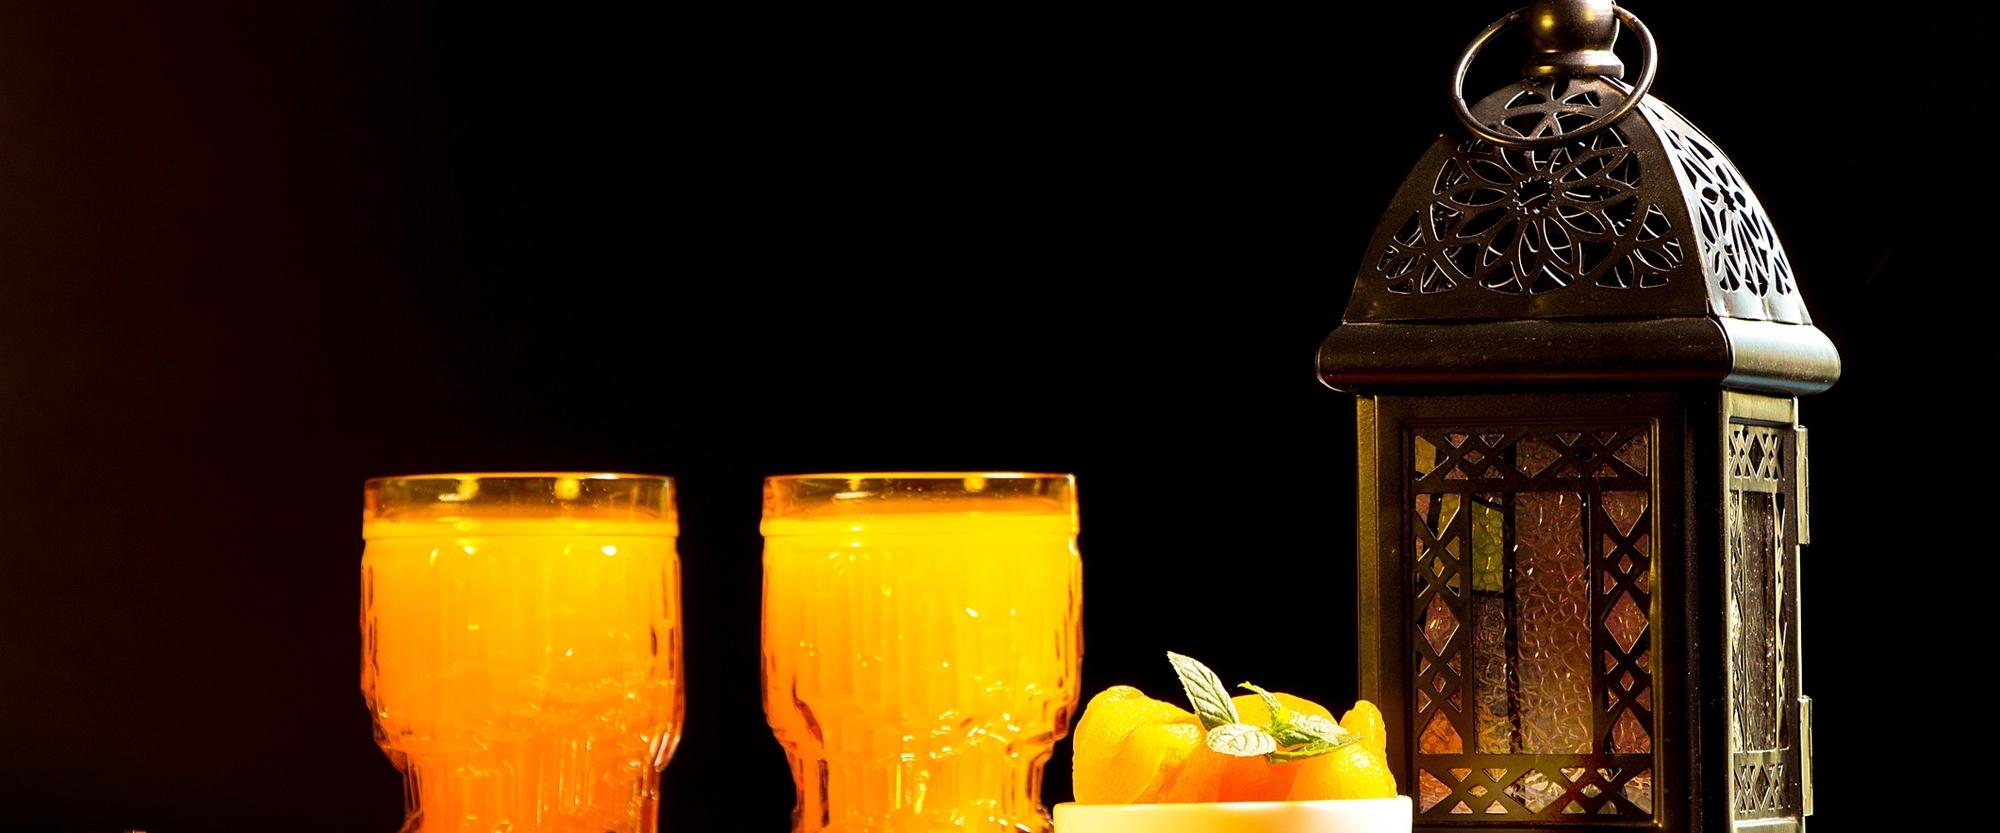 عصير قمر الدين